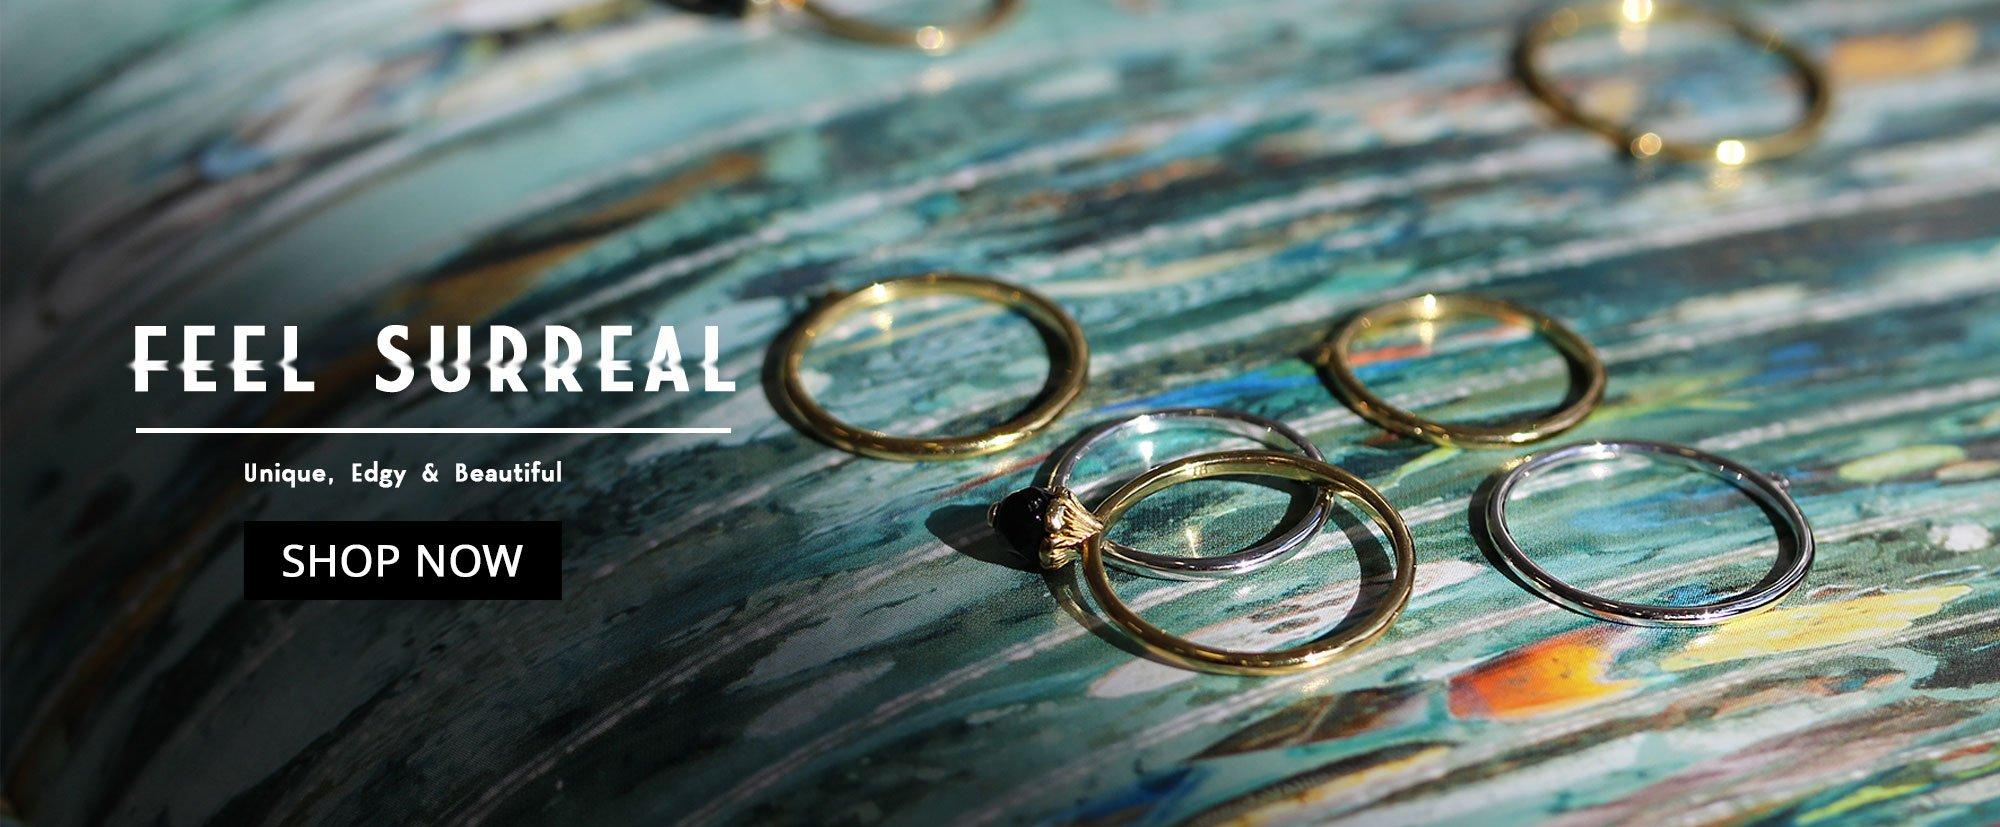 Autumn Winter Jewellery